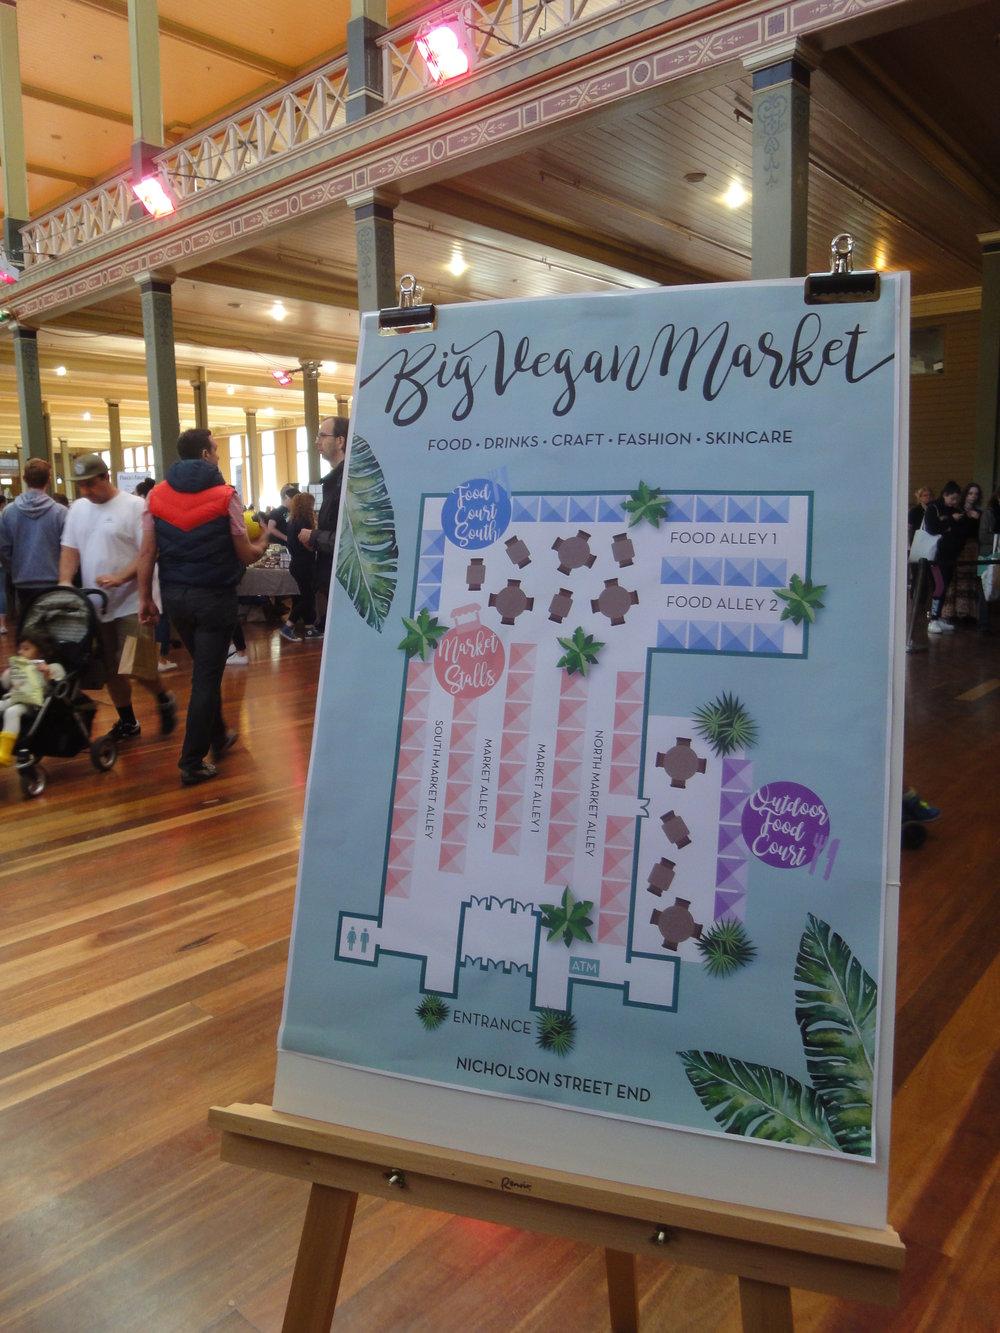 Big Vegan Market gluten free Melbourne Australia